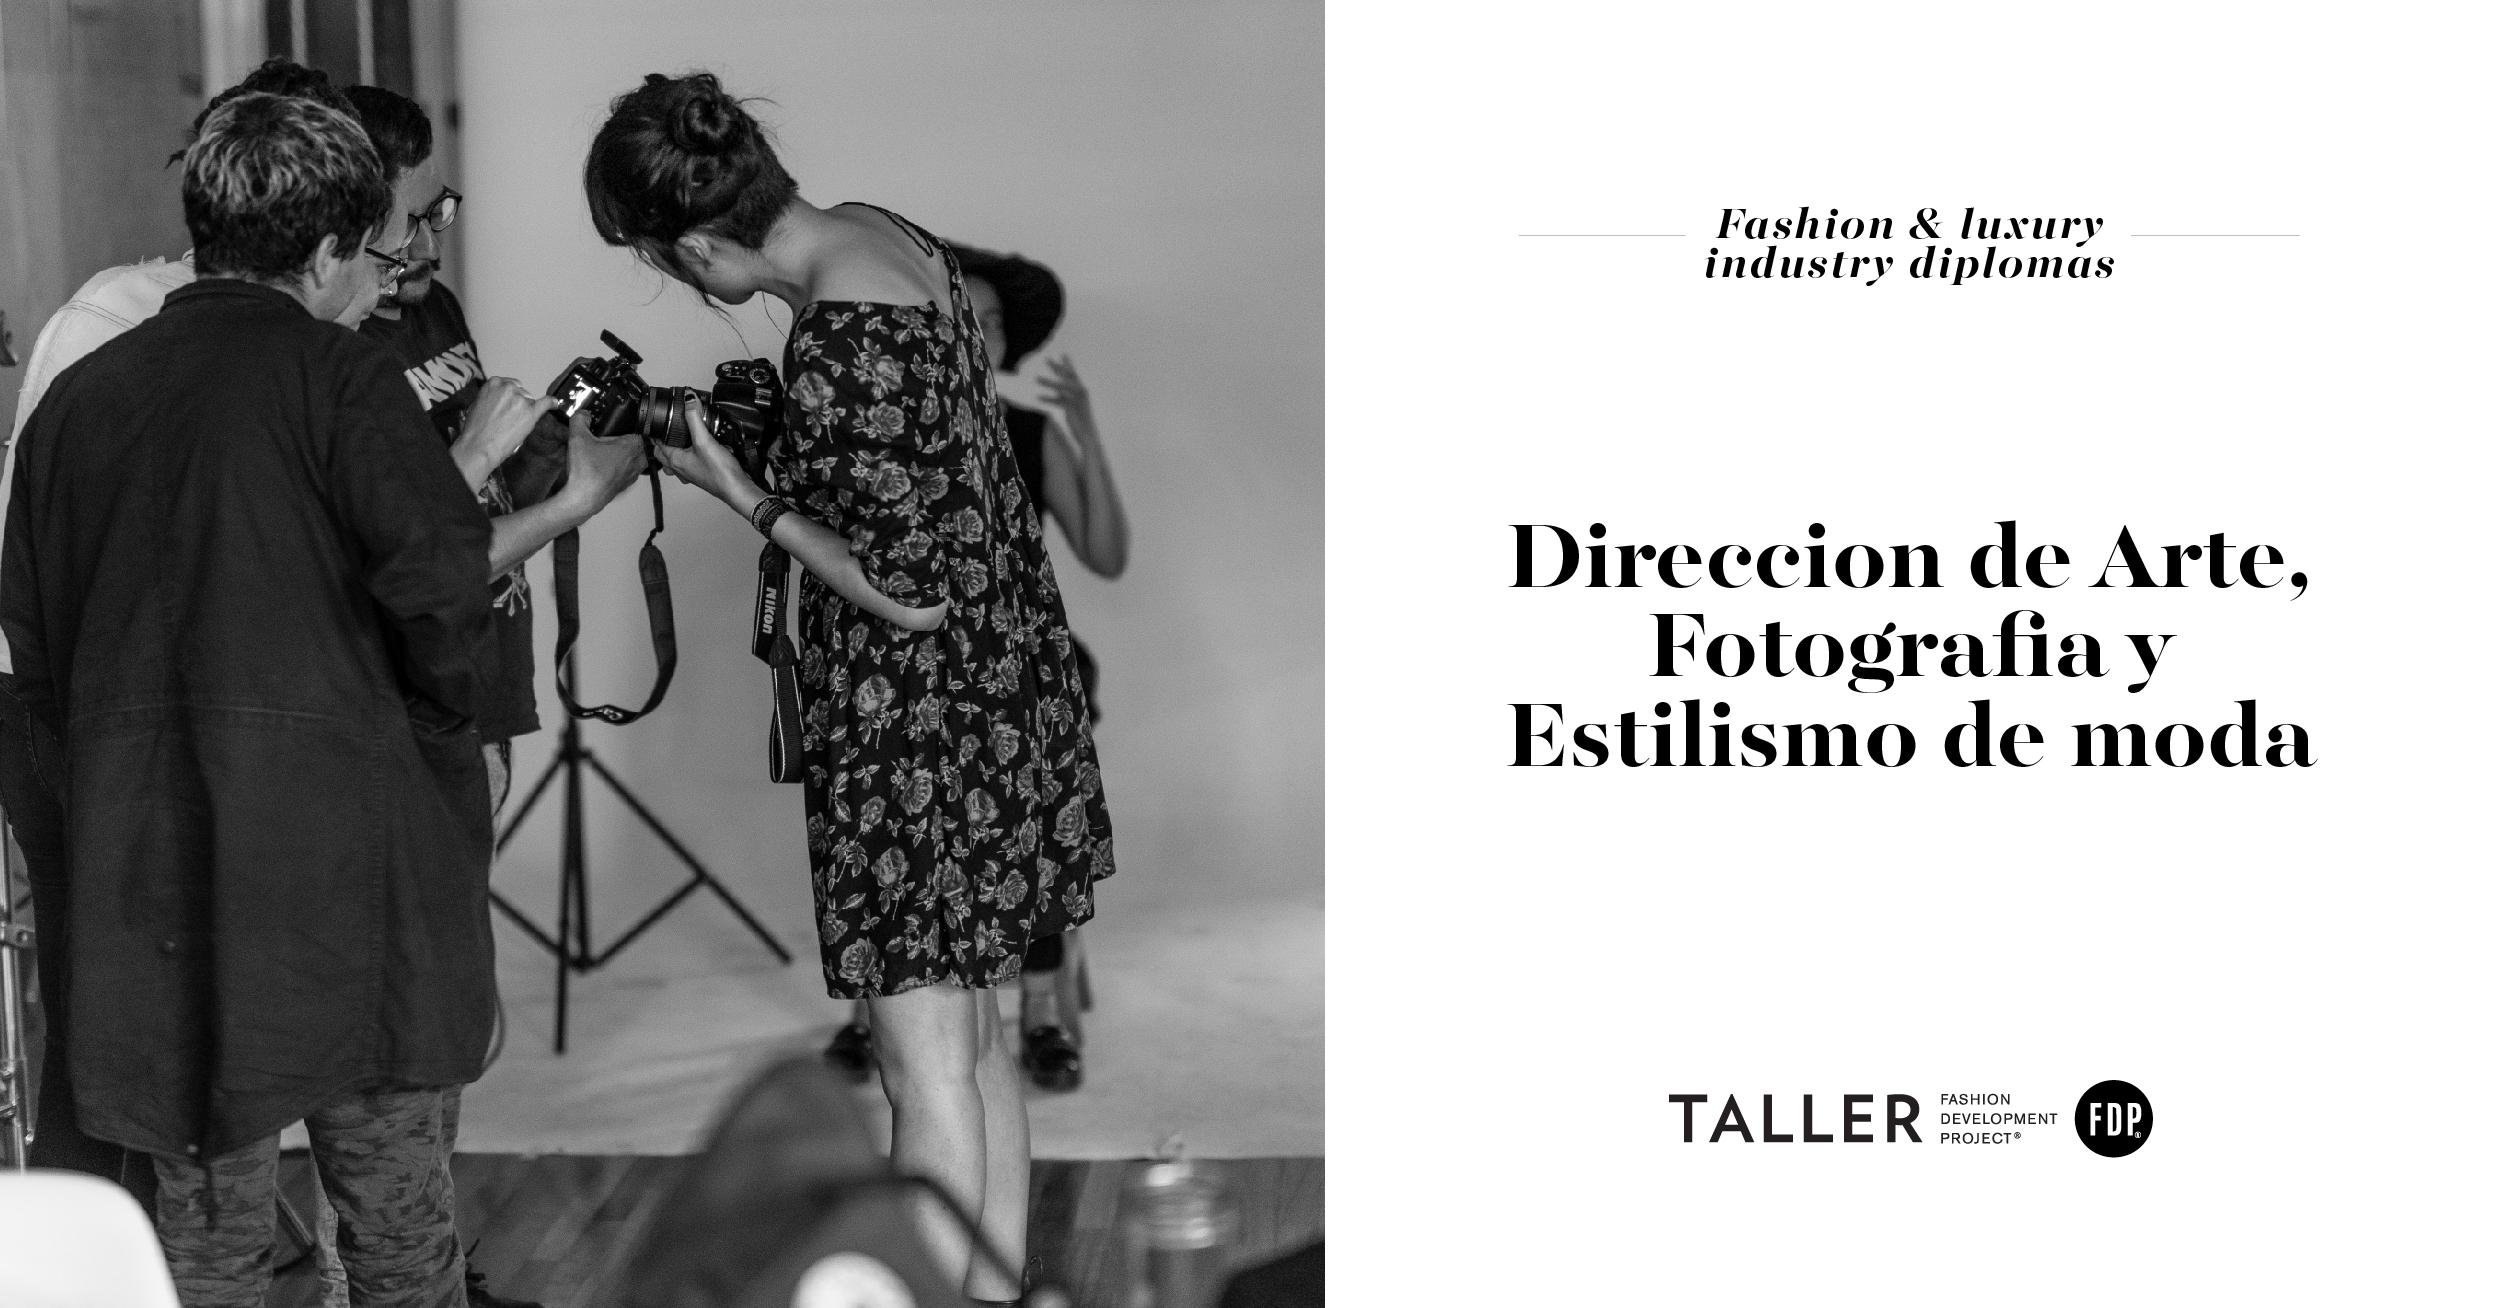 Diplomado en Dirección de Arte, Fotografía y Estilismo